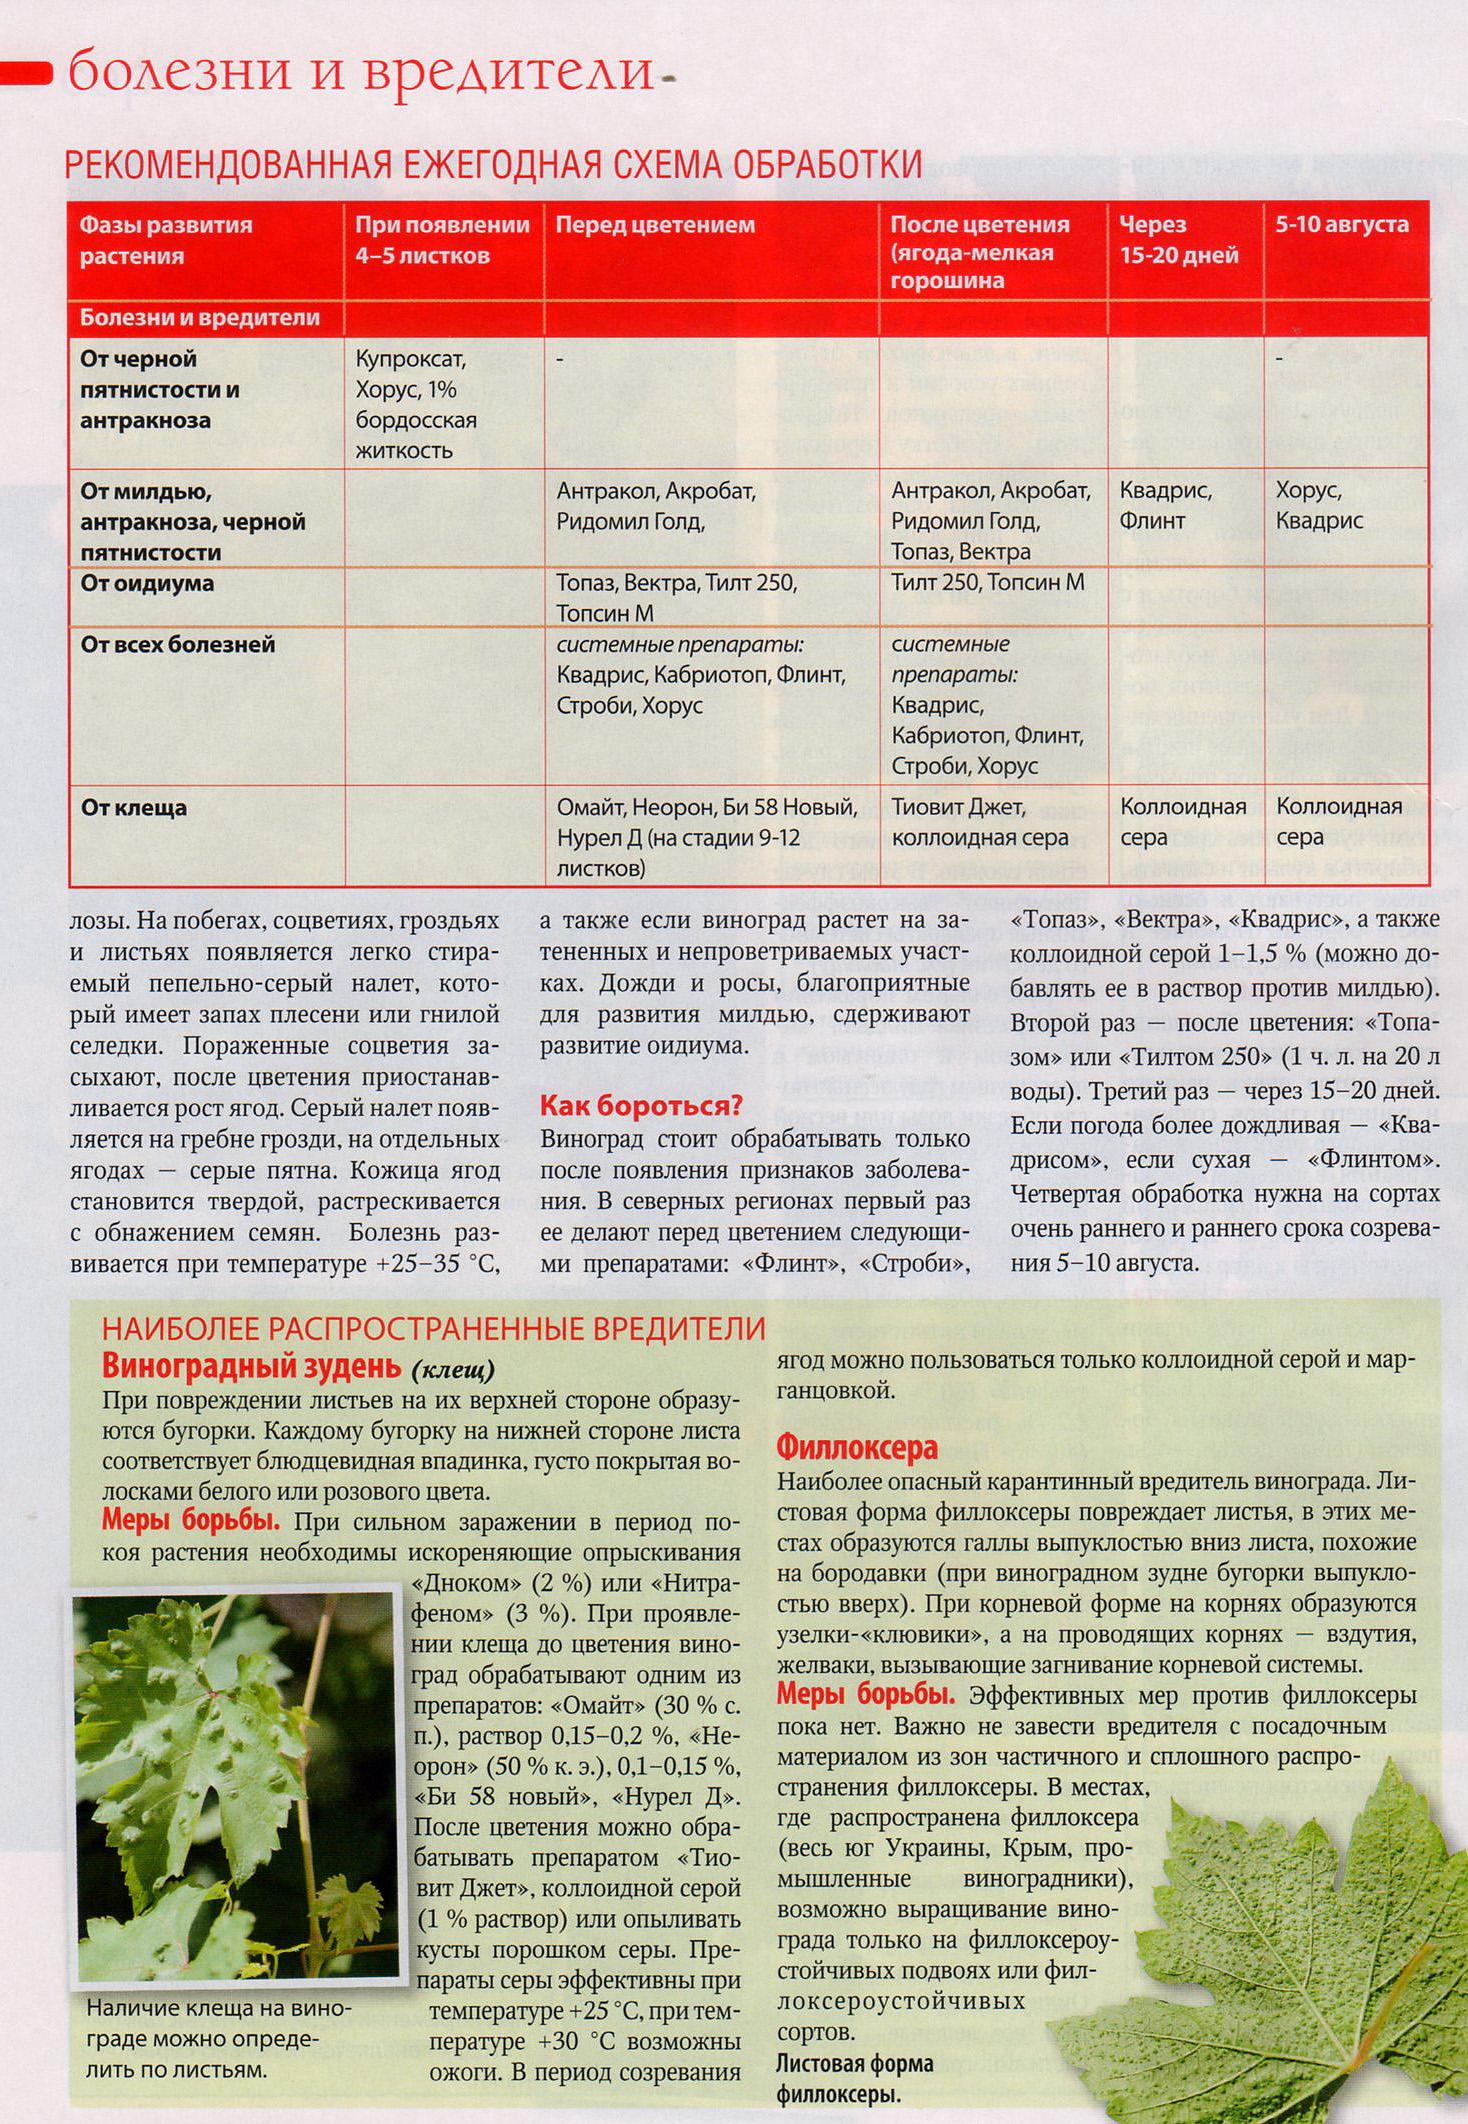 Сера для винограда: методы применения обработки коллоидной серой